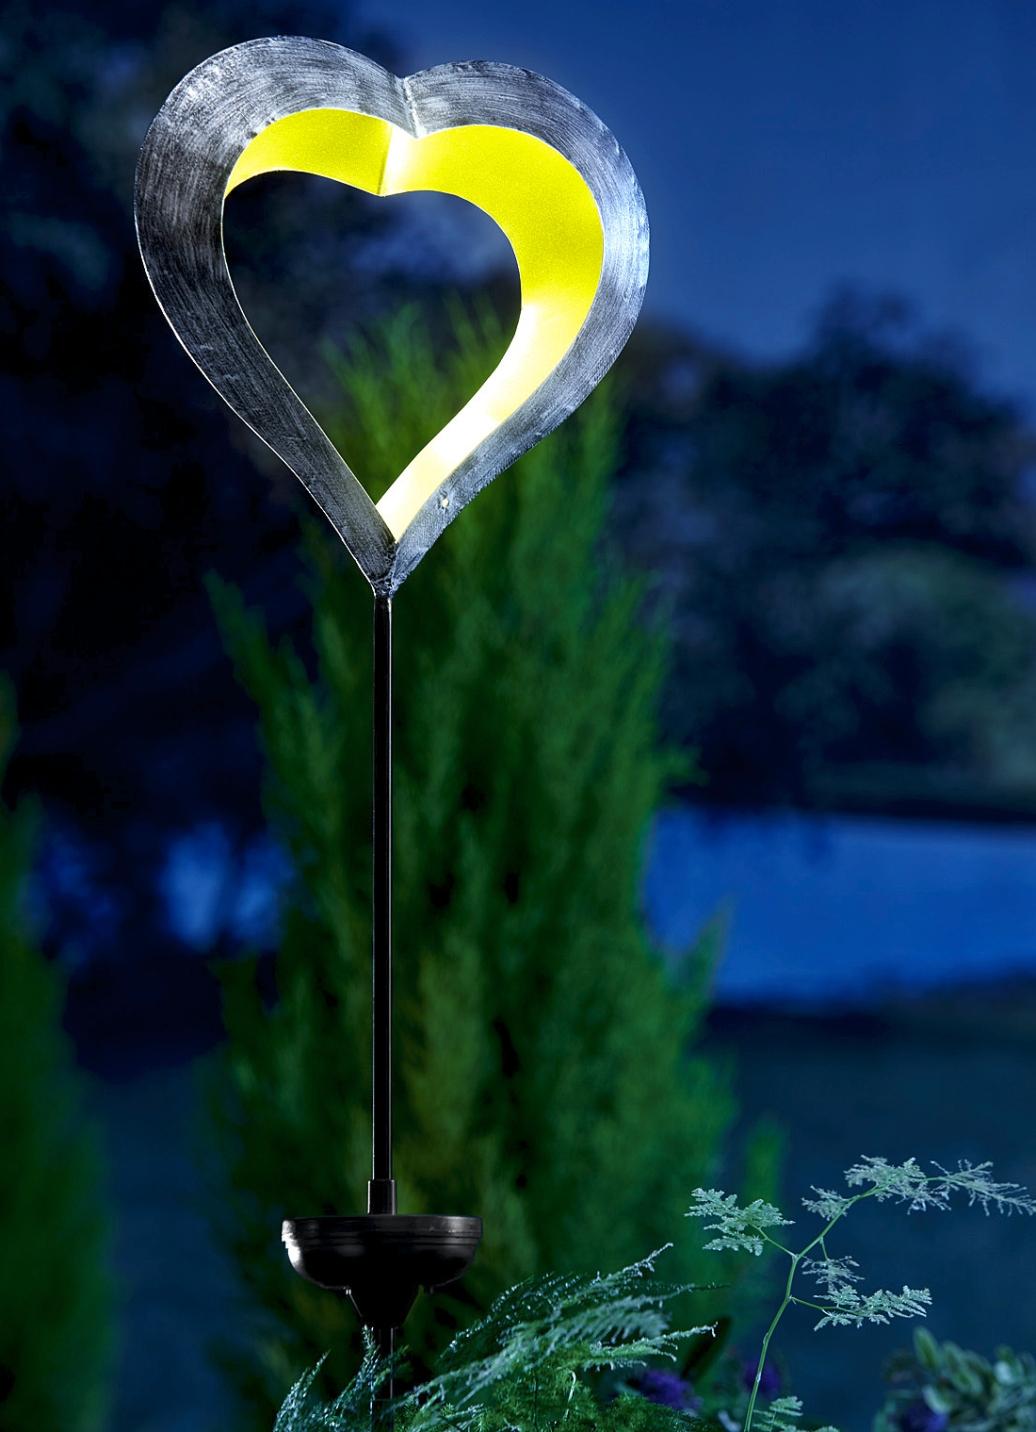 Solarleuchte Schwebendes Herz Leuchtende Dekoration